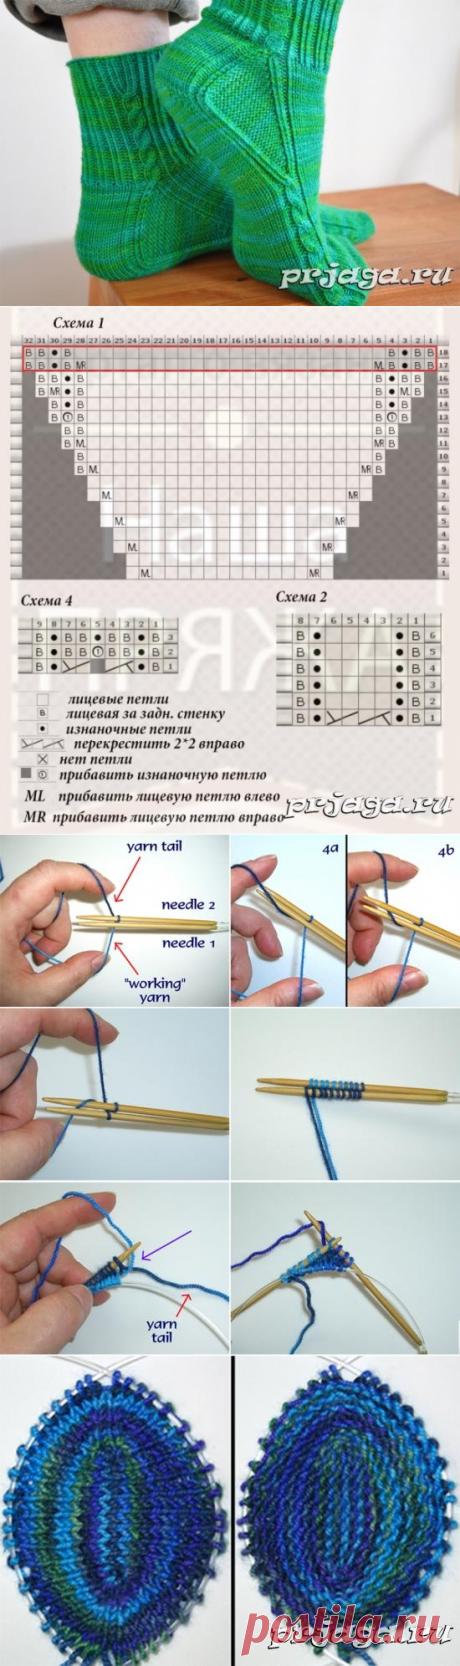 Носки спицами от мыска с анатомической вставкой